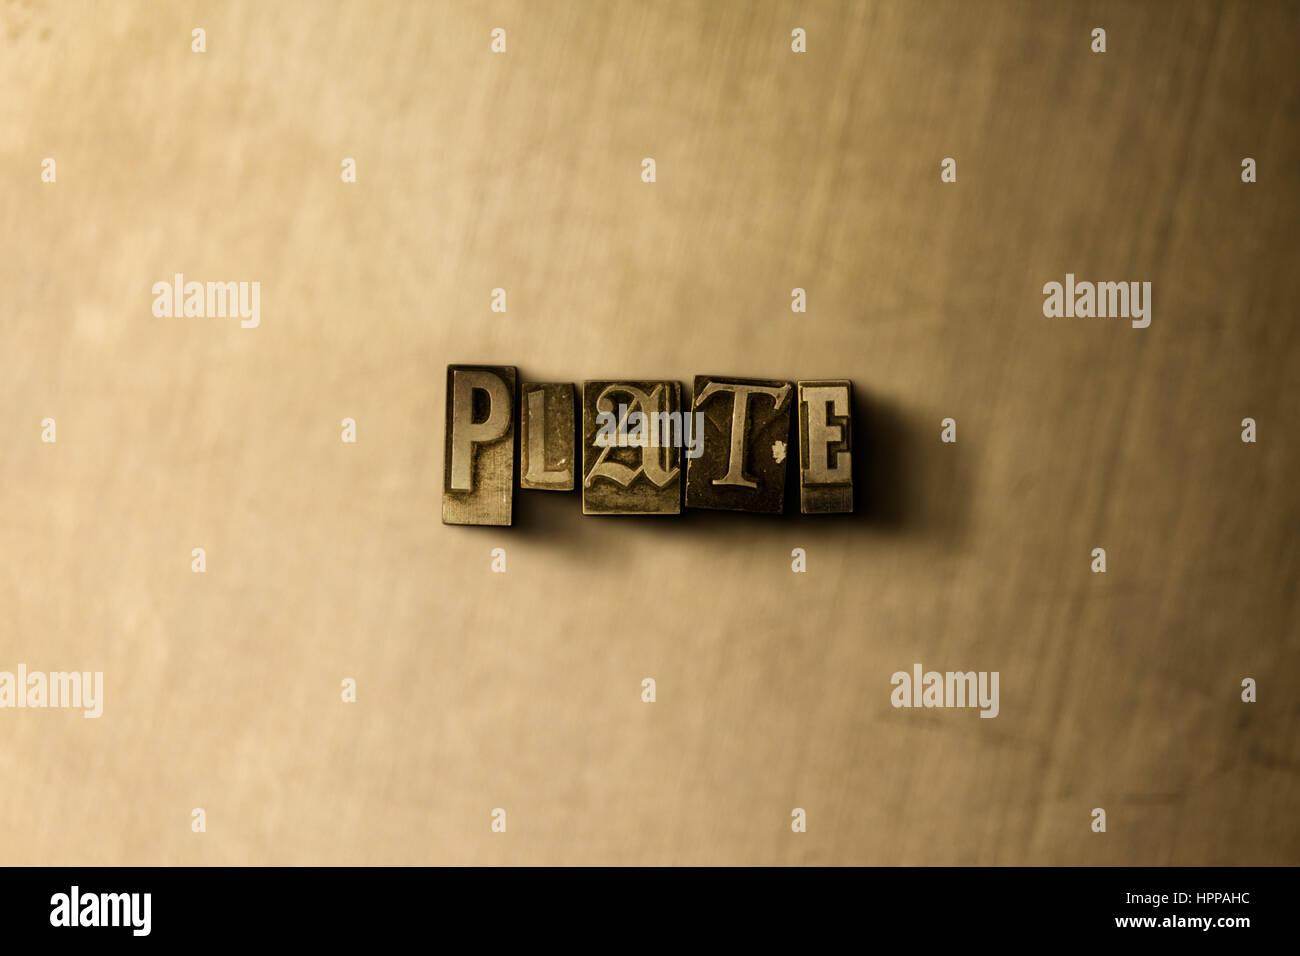 Platte - Schriftsatz Nahaufnahme von Grunge Vintage Wort auf Metall Hintergrund. GEMA freie stock Illustration. Stockbild